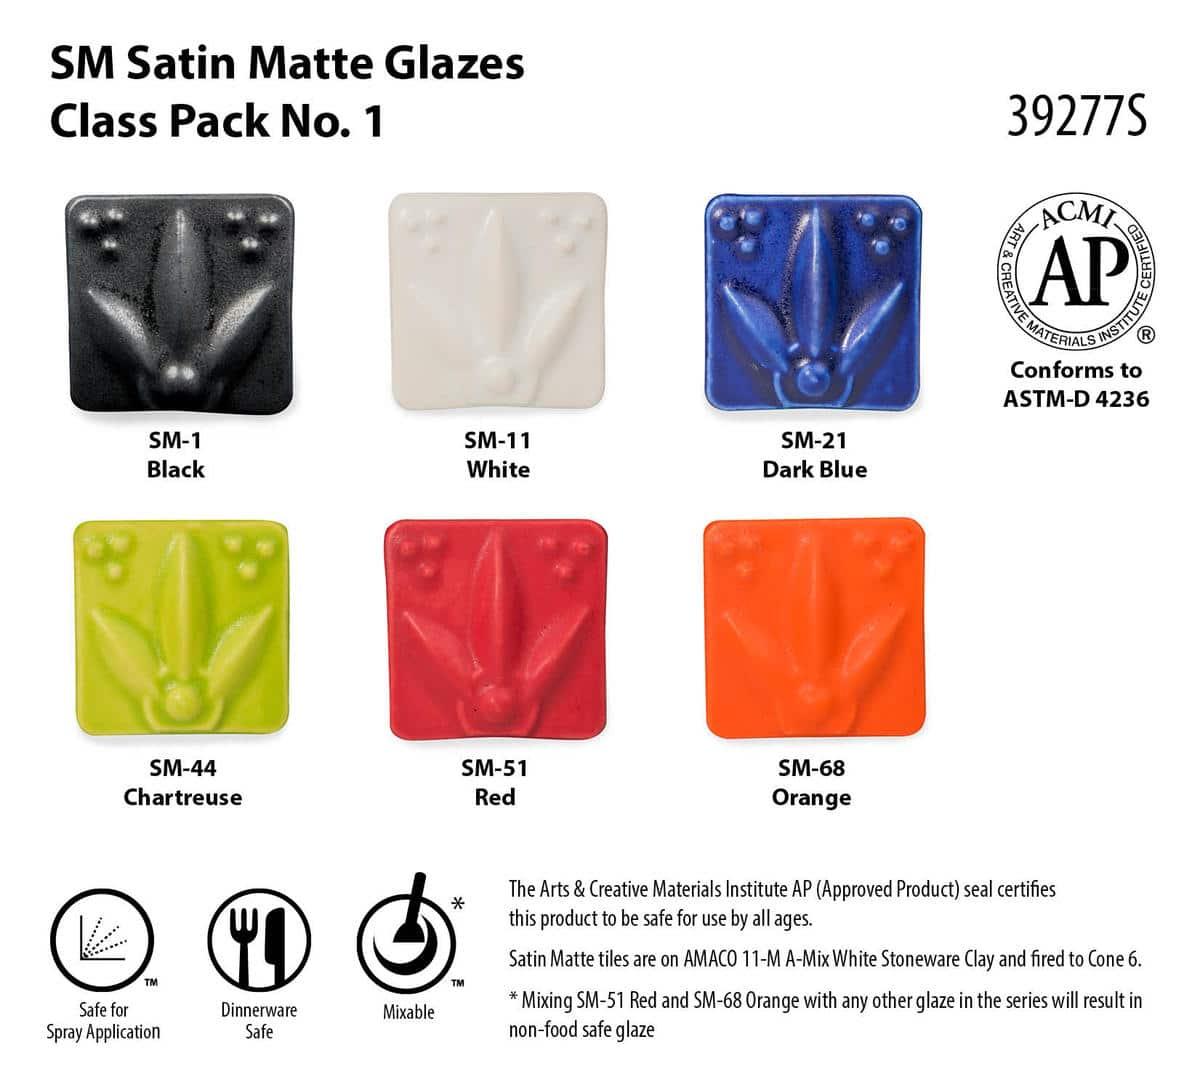 Class Pack (SM) Satin Matte #1 Cone 5/6